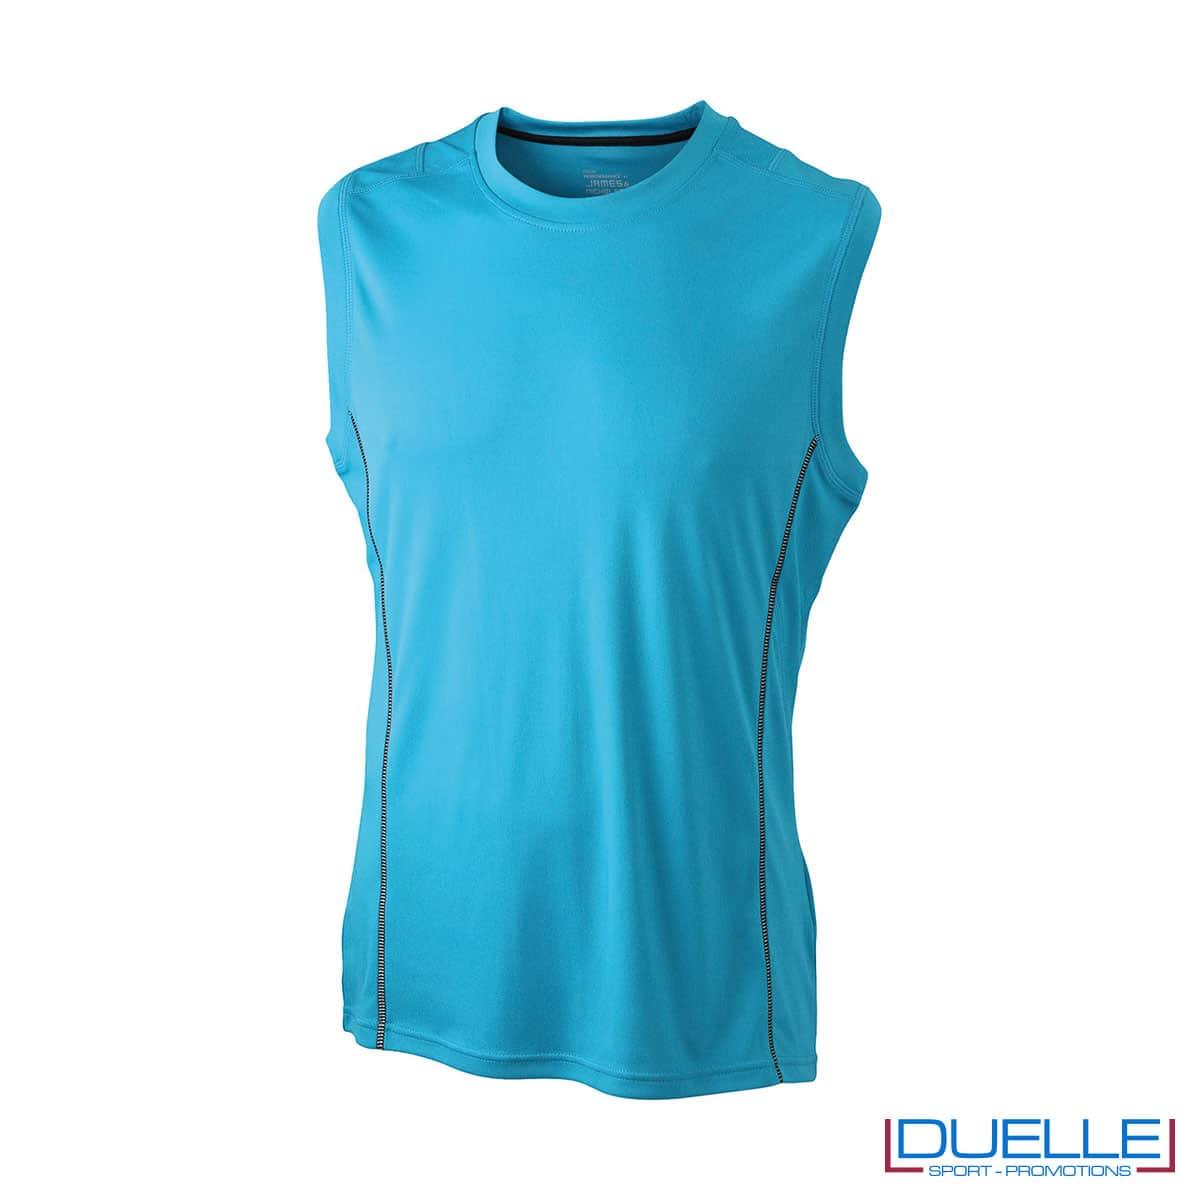 Canotta running uomo colore azzurro personalizzabile